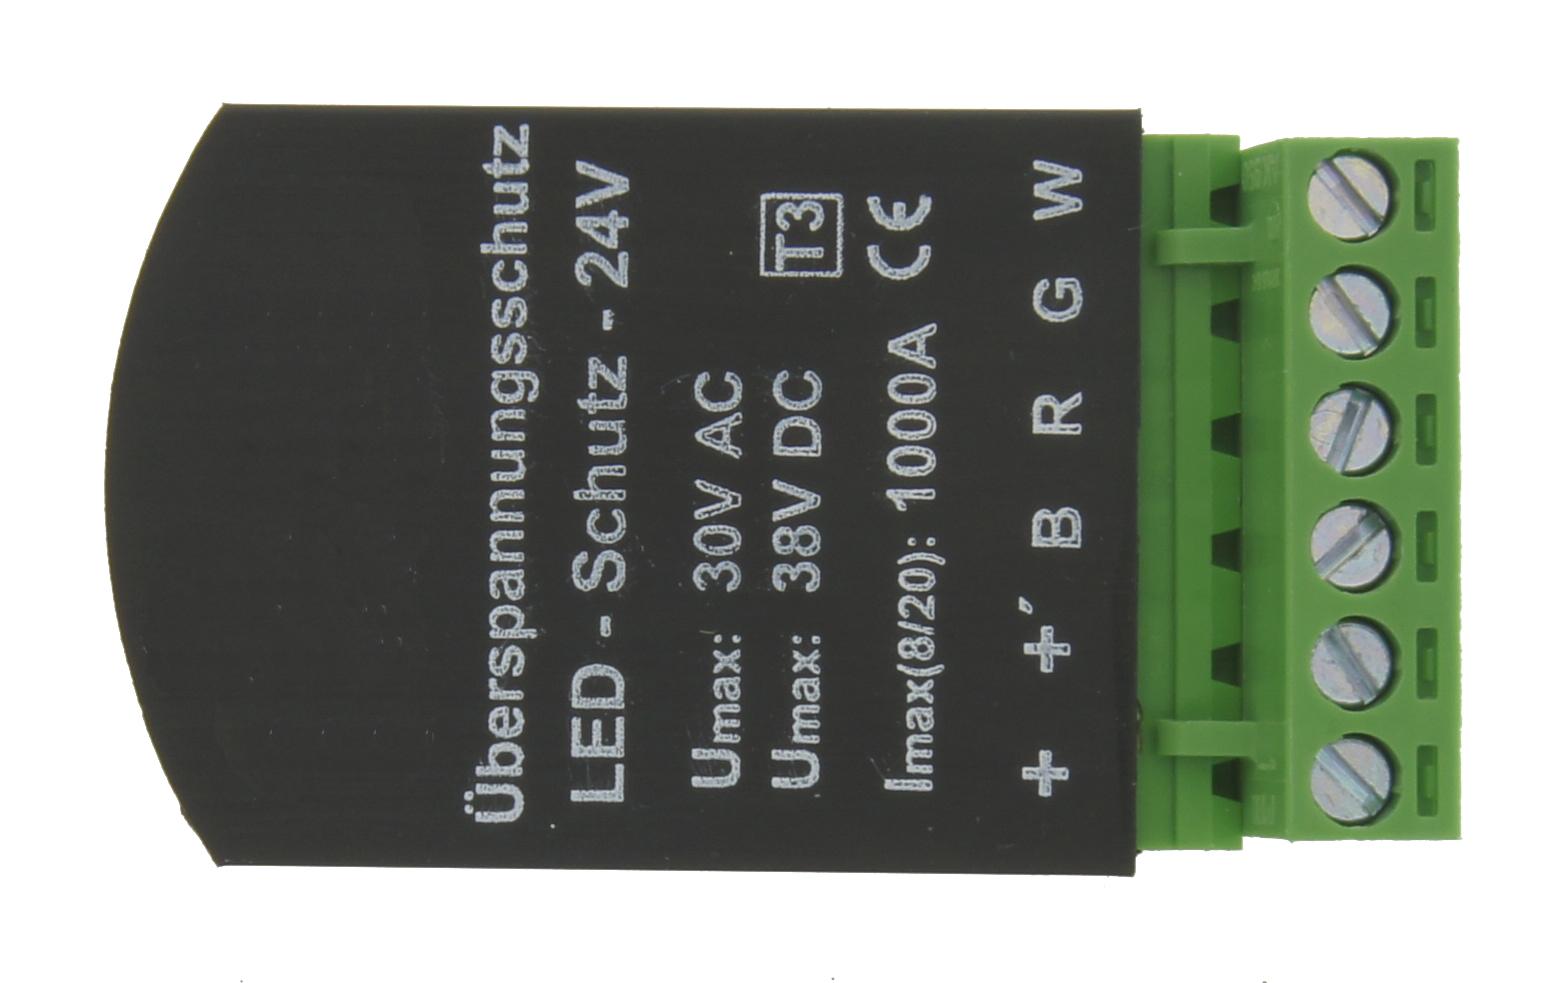 1 Stk Überspannungsschutz 12V für DW, RGB, RGBW Strips LINZ012004